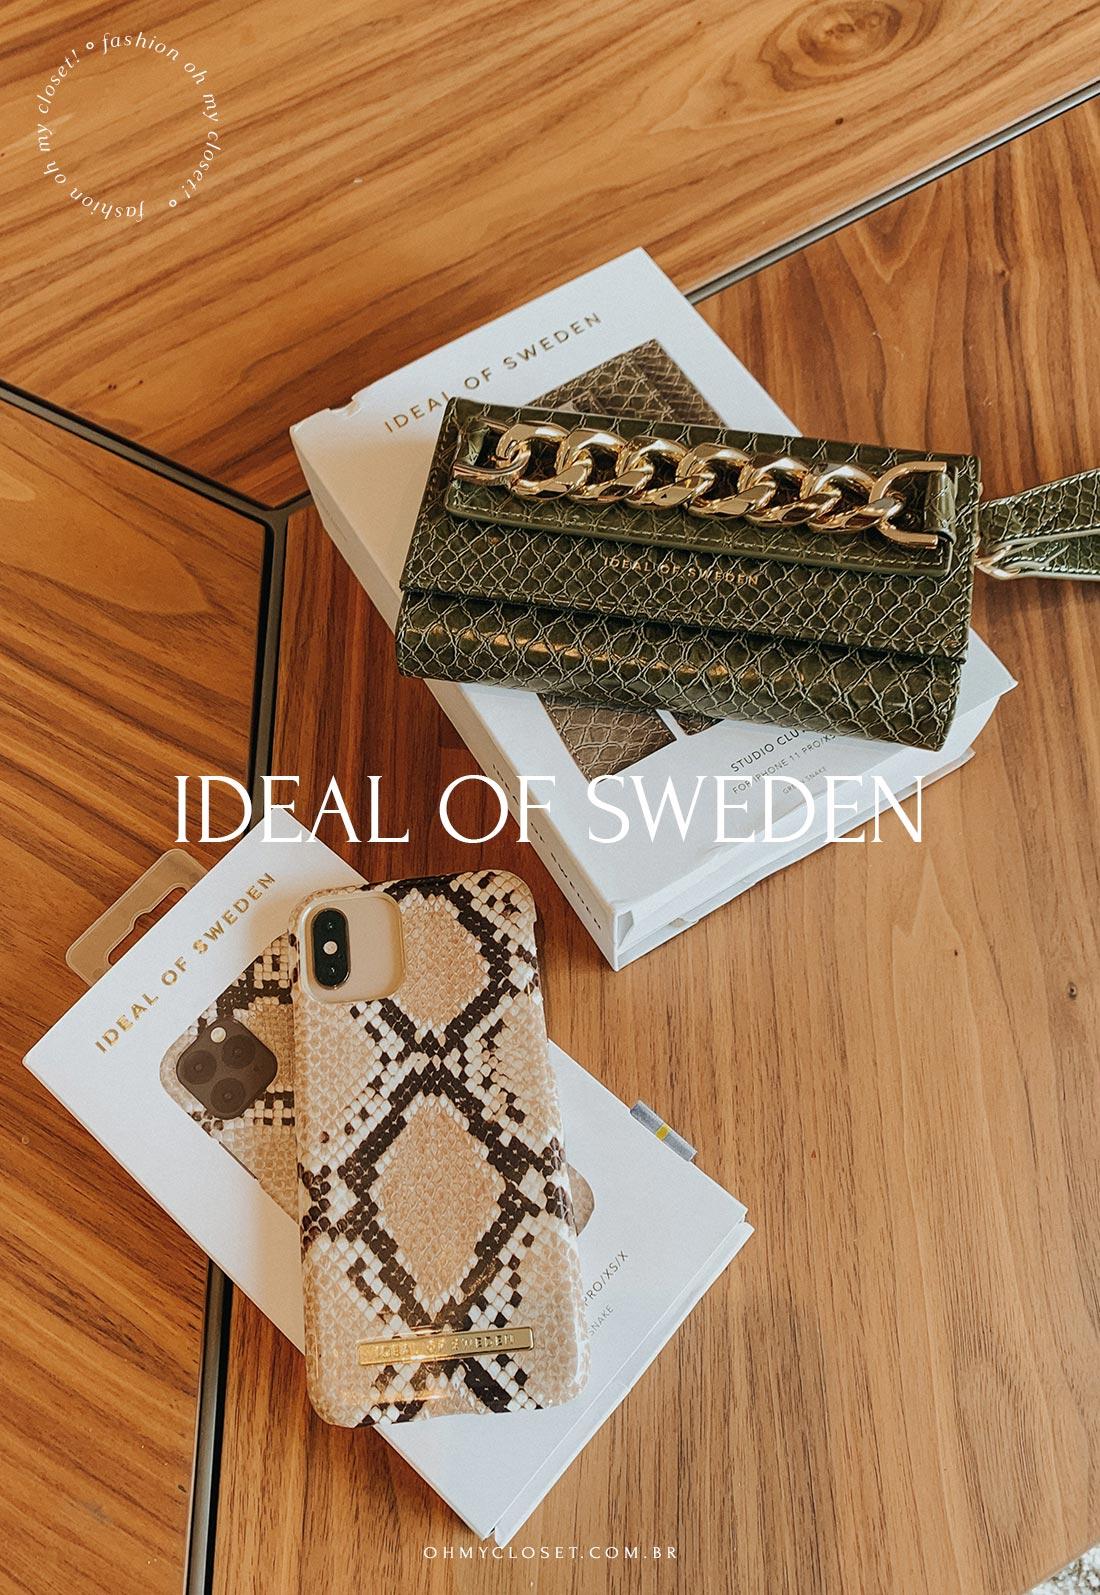 Clutch e case para iPhone X, XS, 11 e 12 IDEAL OF SWEDEN